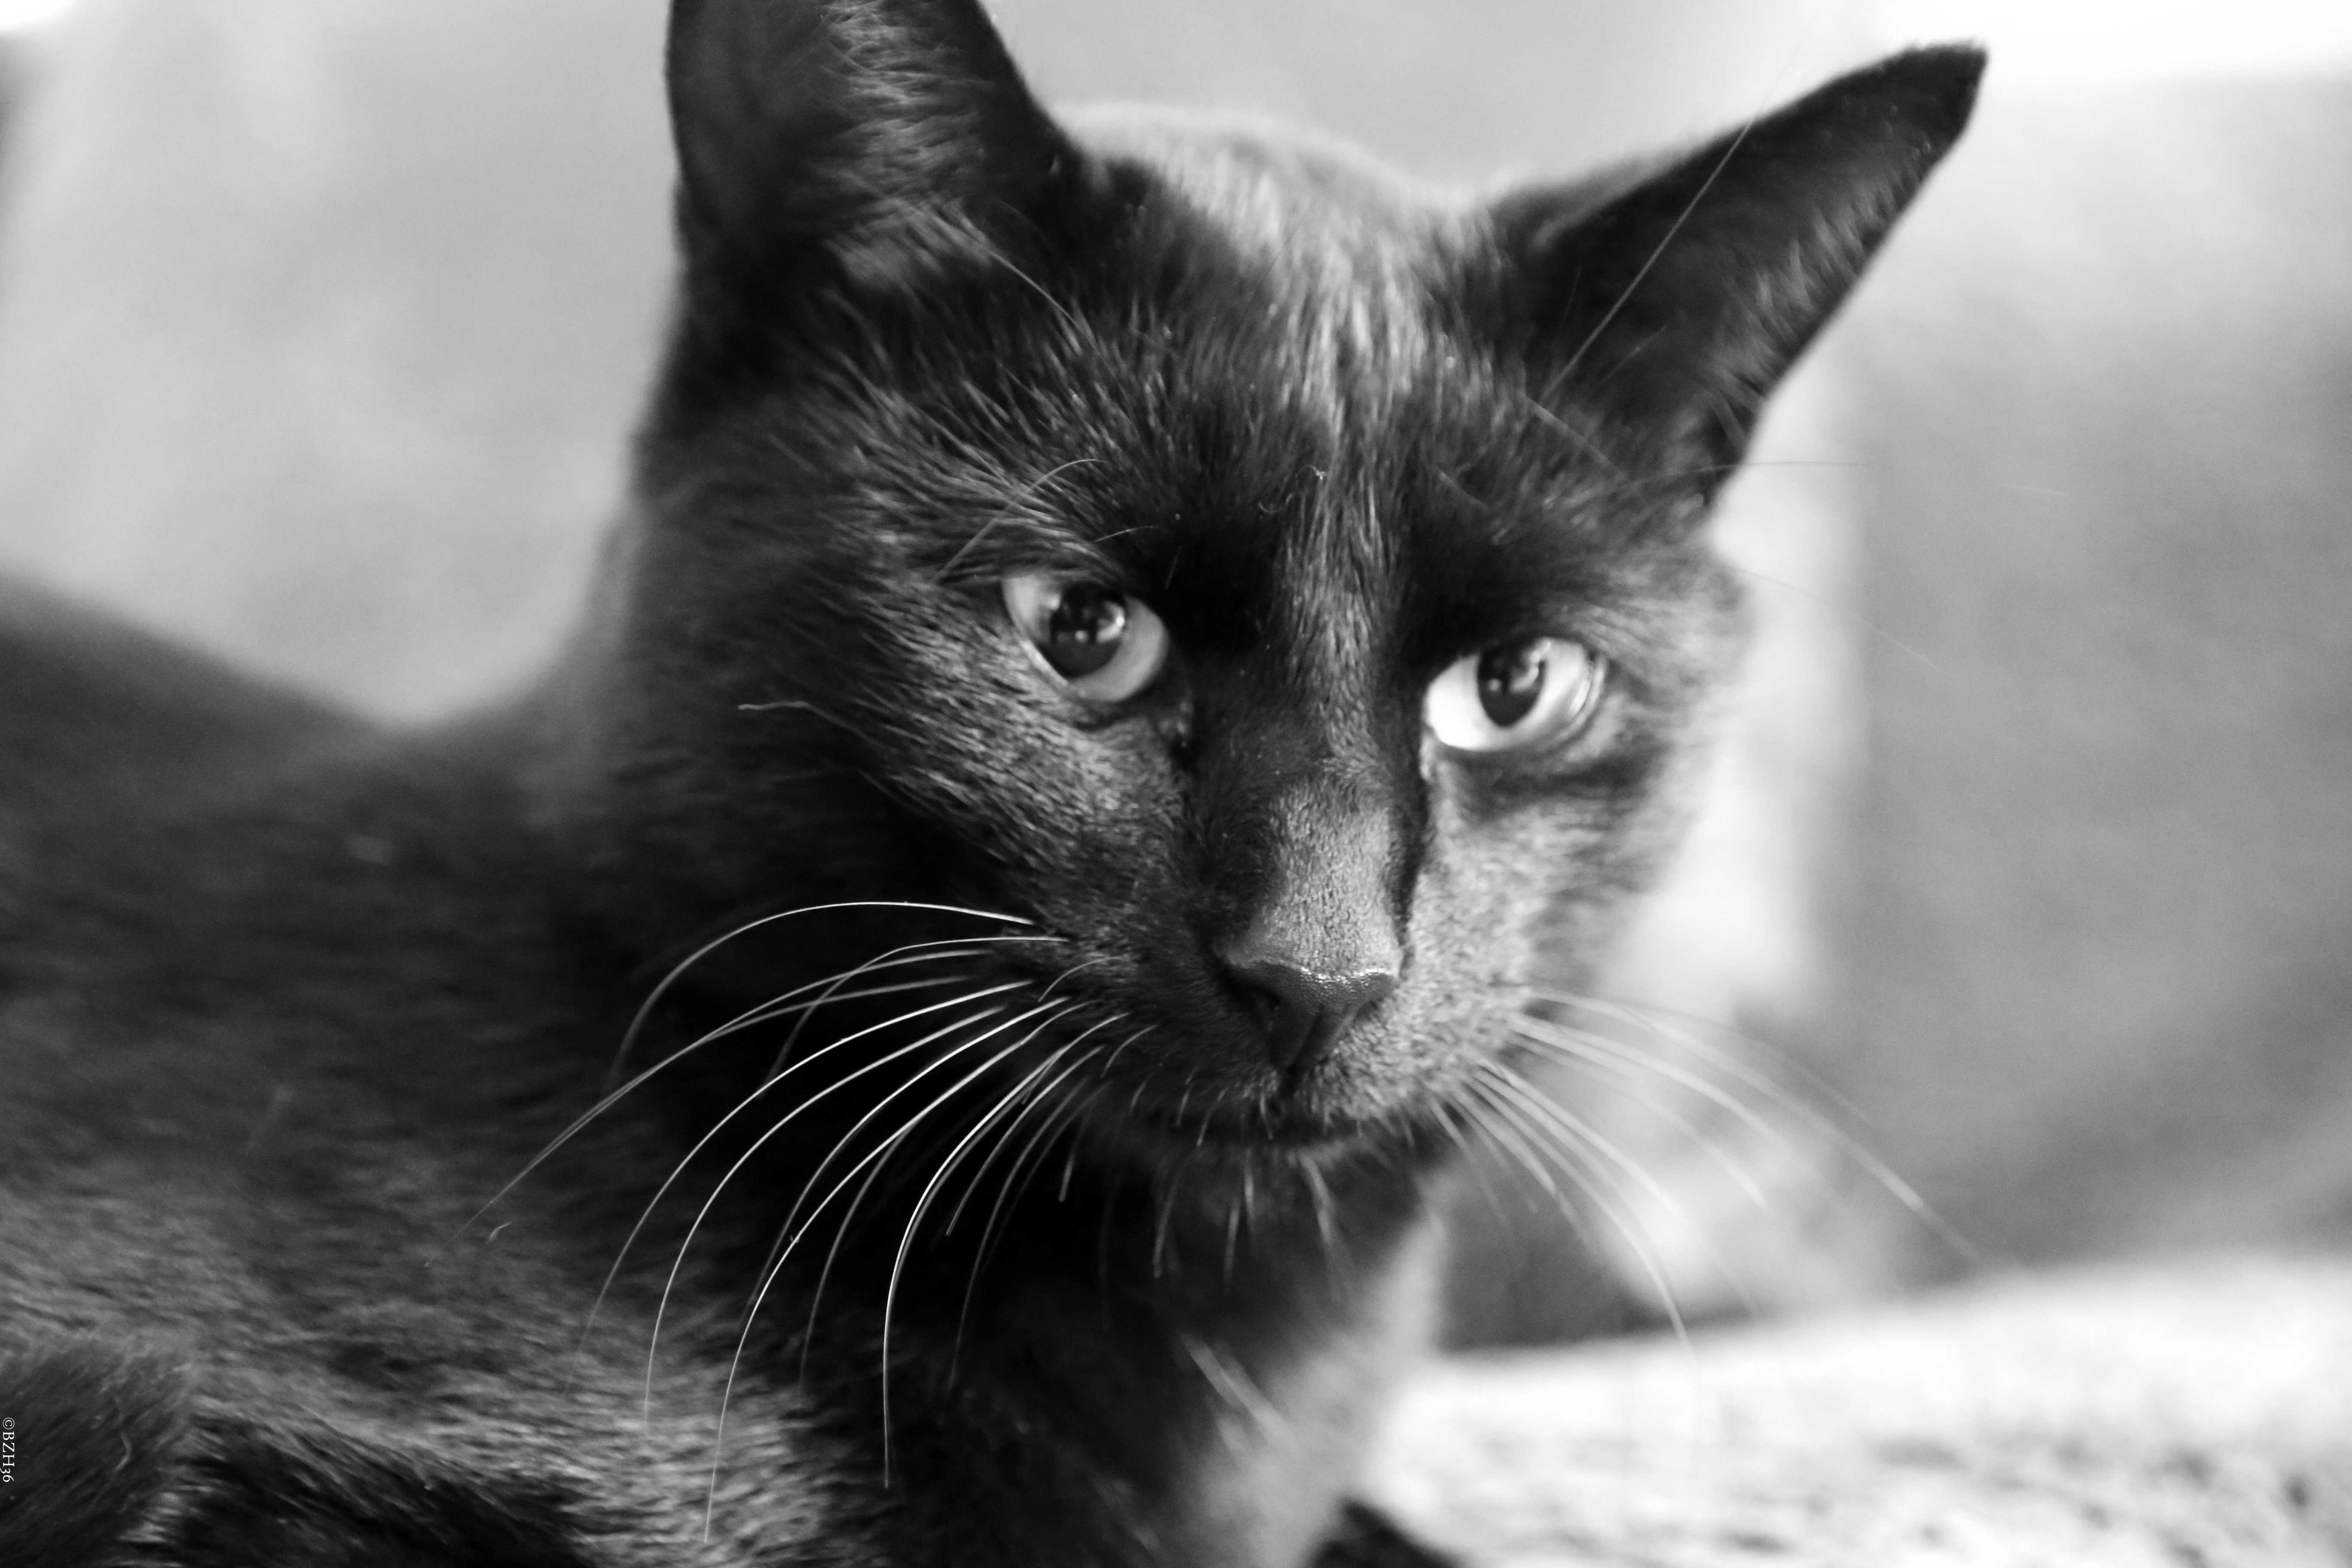 ©BZH36, Chat, Cat, 猫, Gato, Gatto, Kotuk, Neko, Popoki, Kissa, Koshka, Cha'tool, Katze, Ga'ta, Cattus, Katt, Kot, Kut, Katsi, Kedi, Gatz, Mao, Kotka, Kat, Kucing, Meo, Gat, Pisica, Kocka, Macka, Kiisu